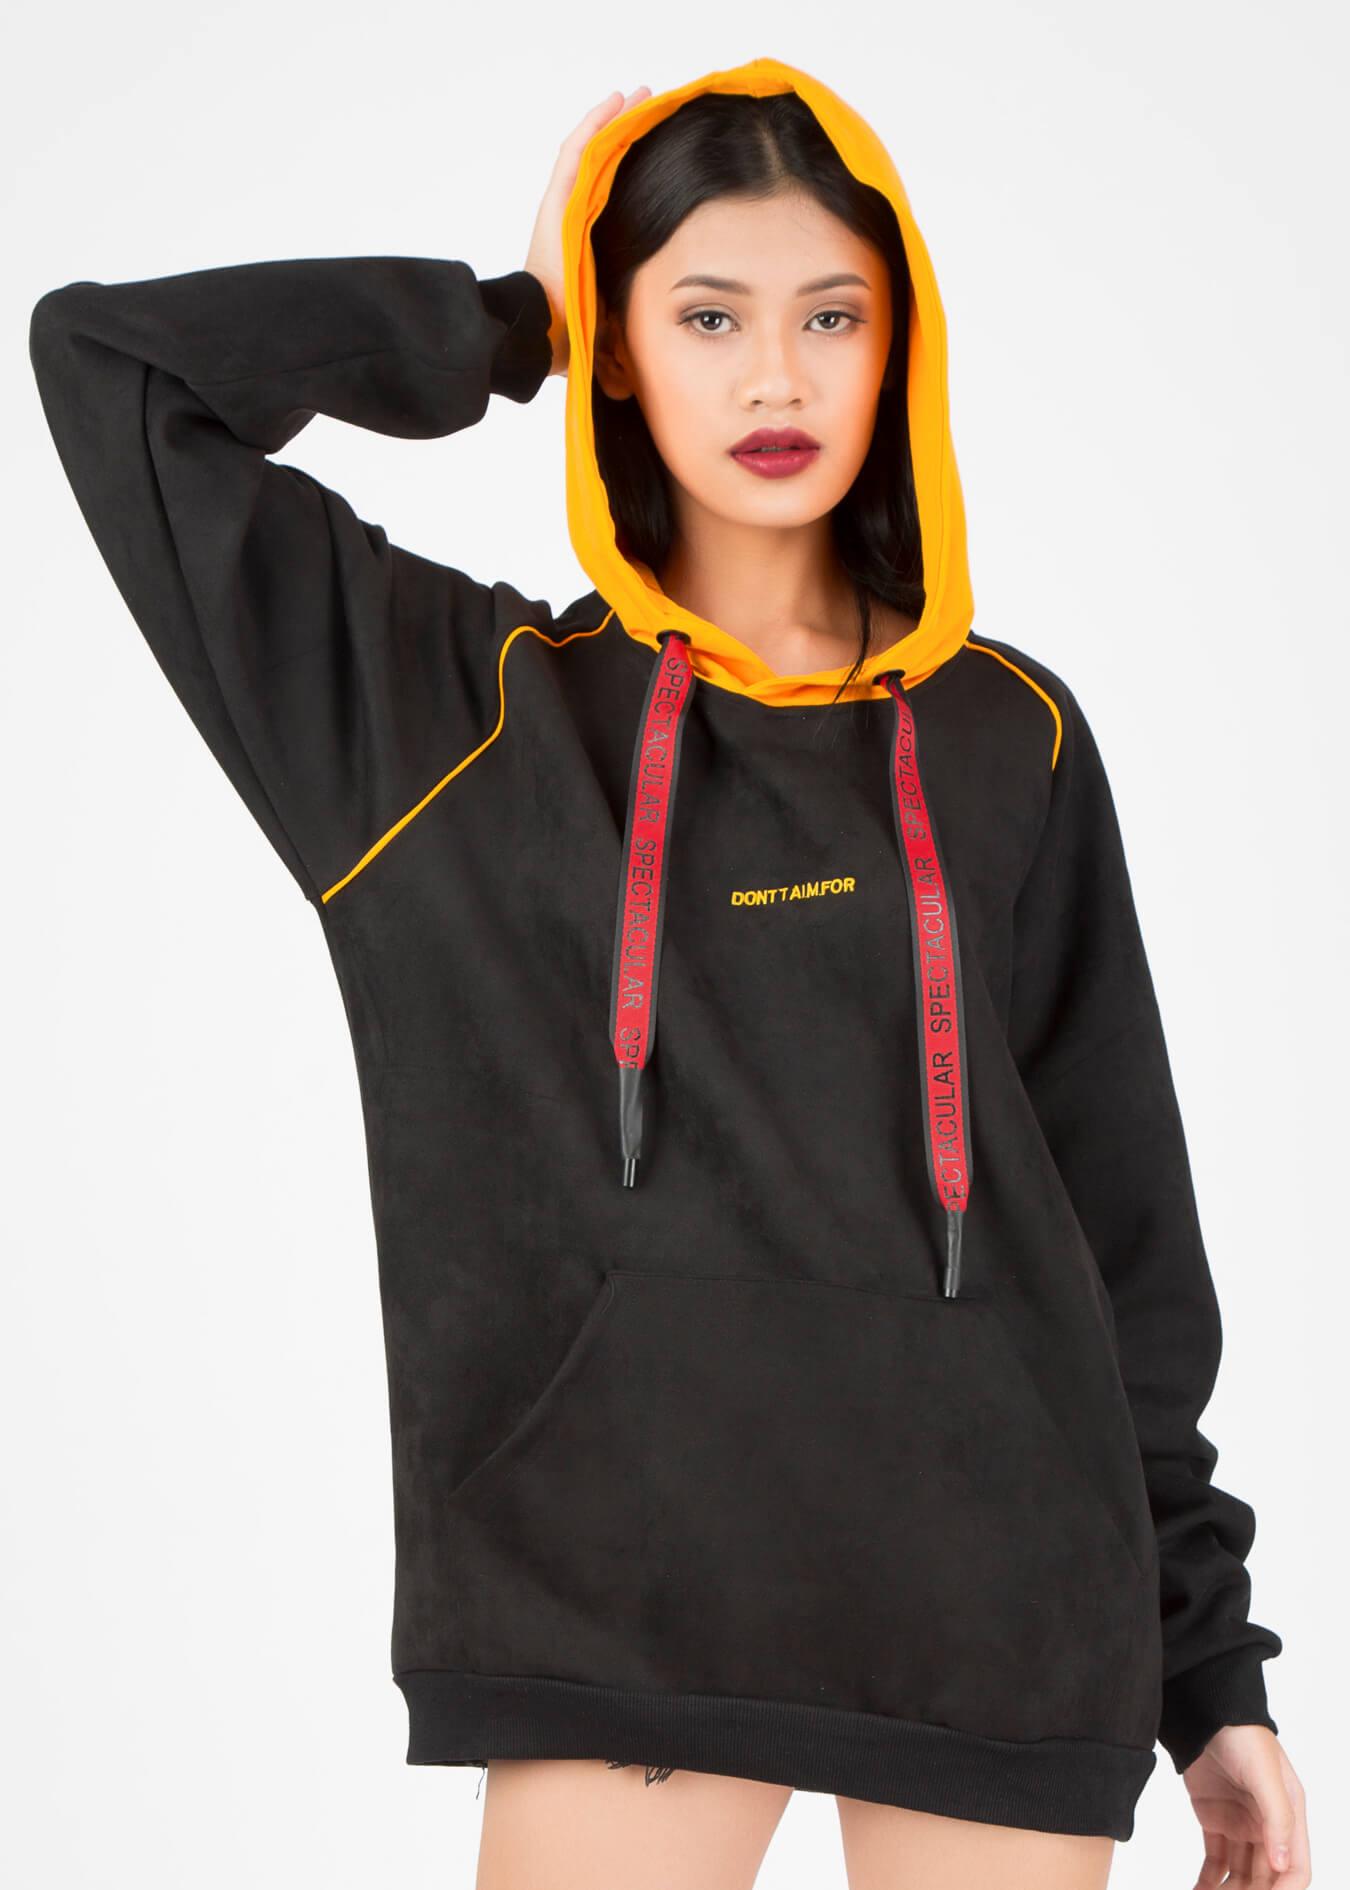 Cách bảo quản áo khoác thun, nỉ, hoodie